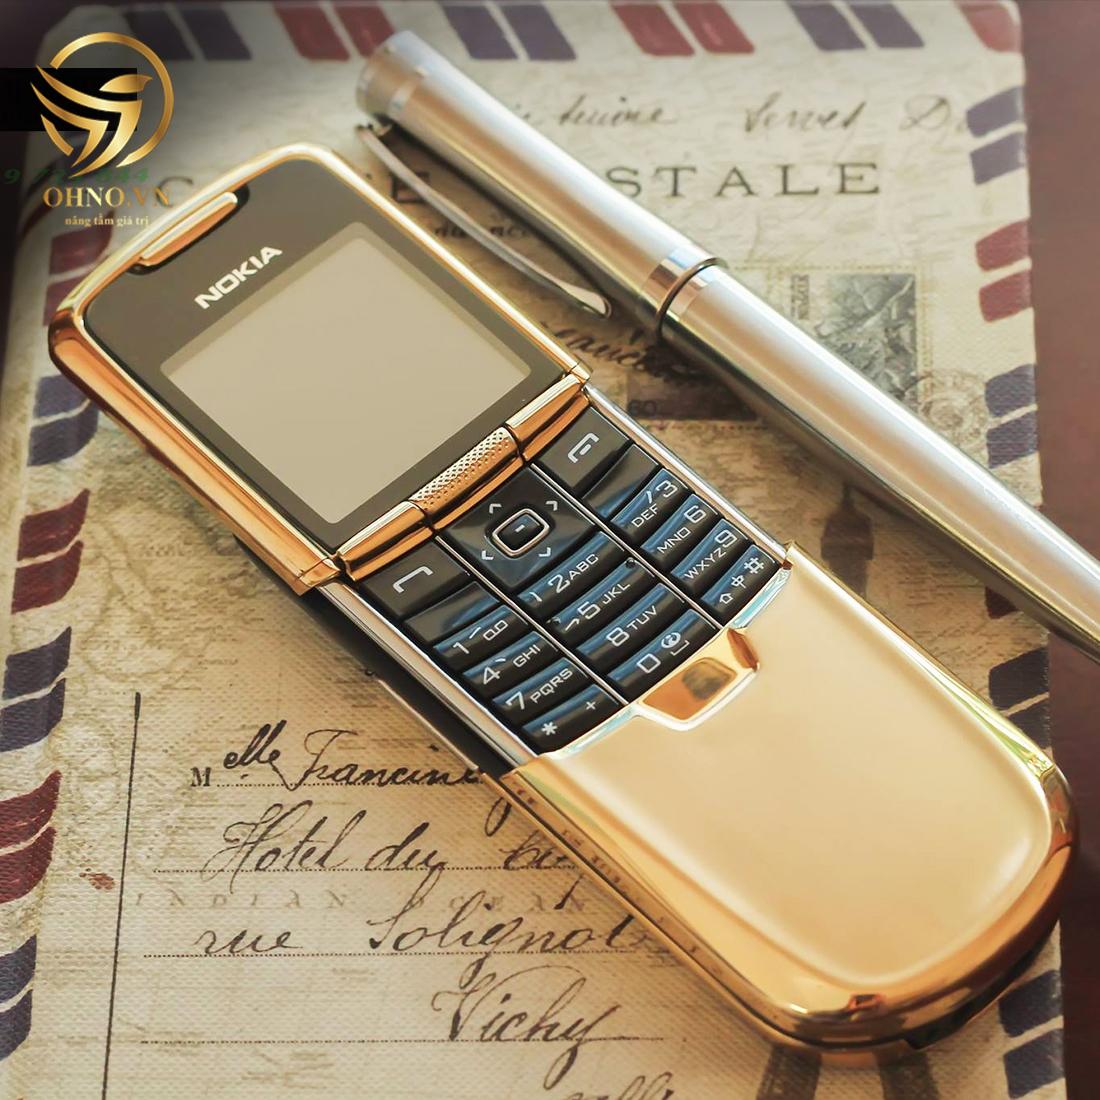 Nokia 8800 Anakin Gold cũ Main ZIN Chính Hãng